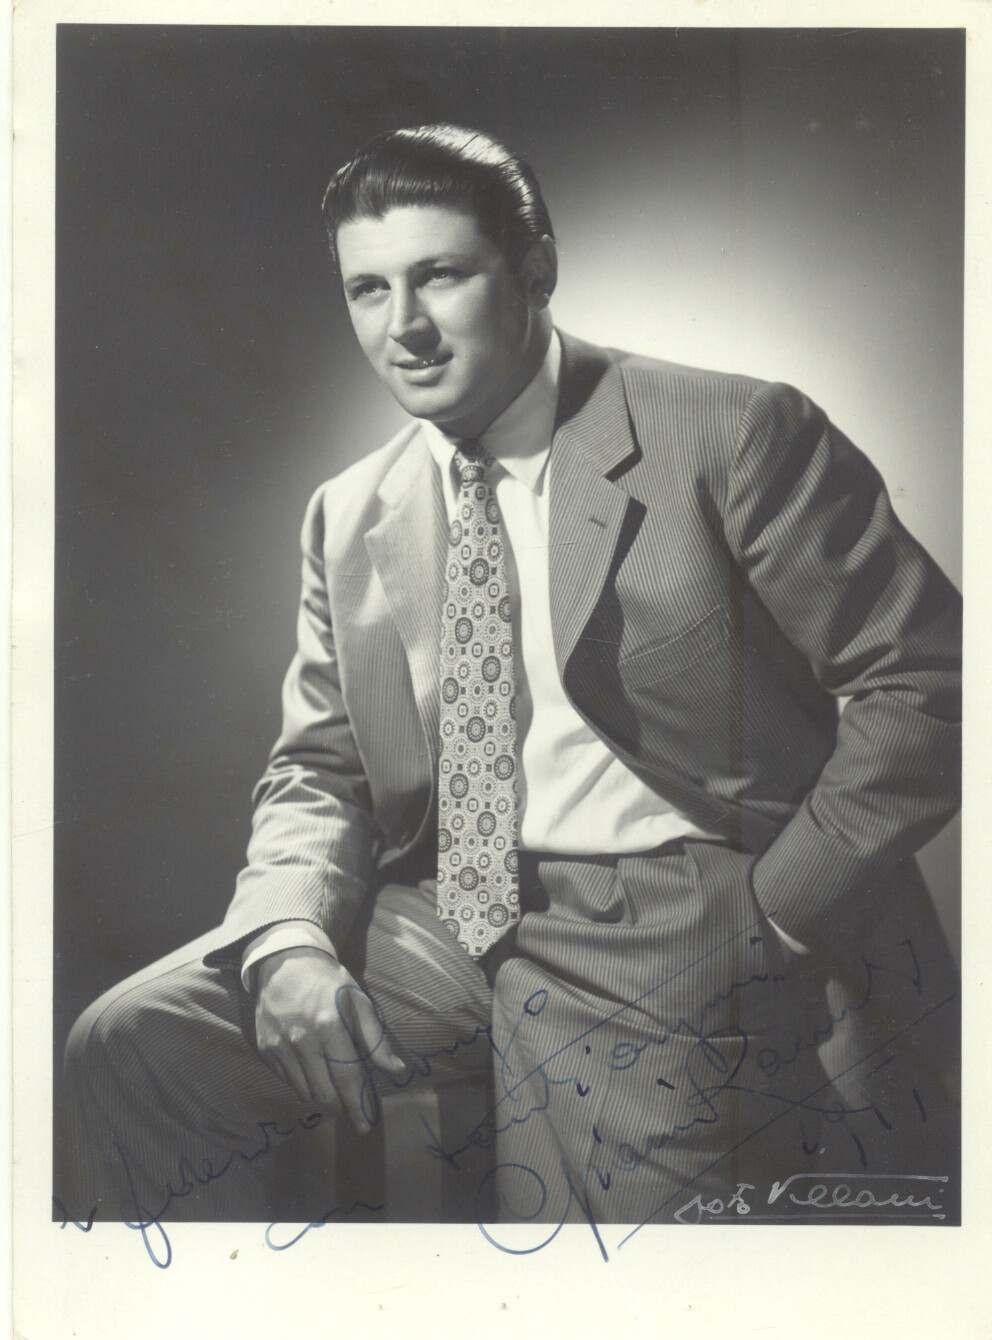 Fotografia originale con dedica e firma autografa del tenore Gianni Raimondi.